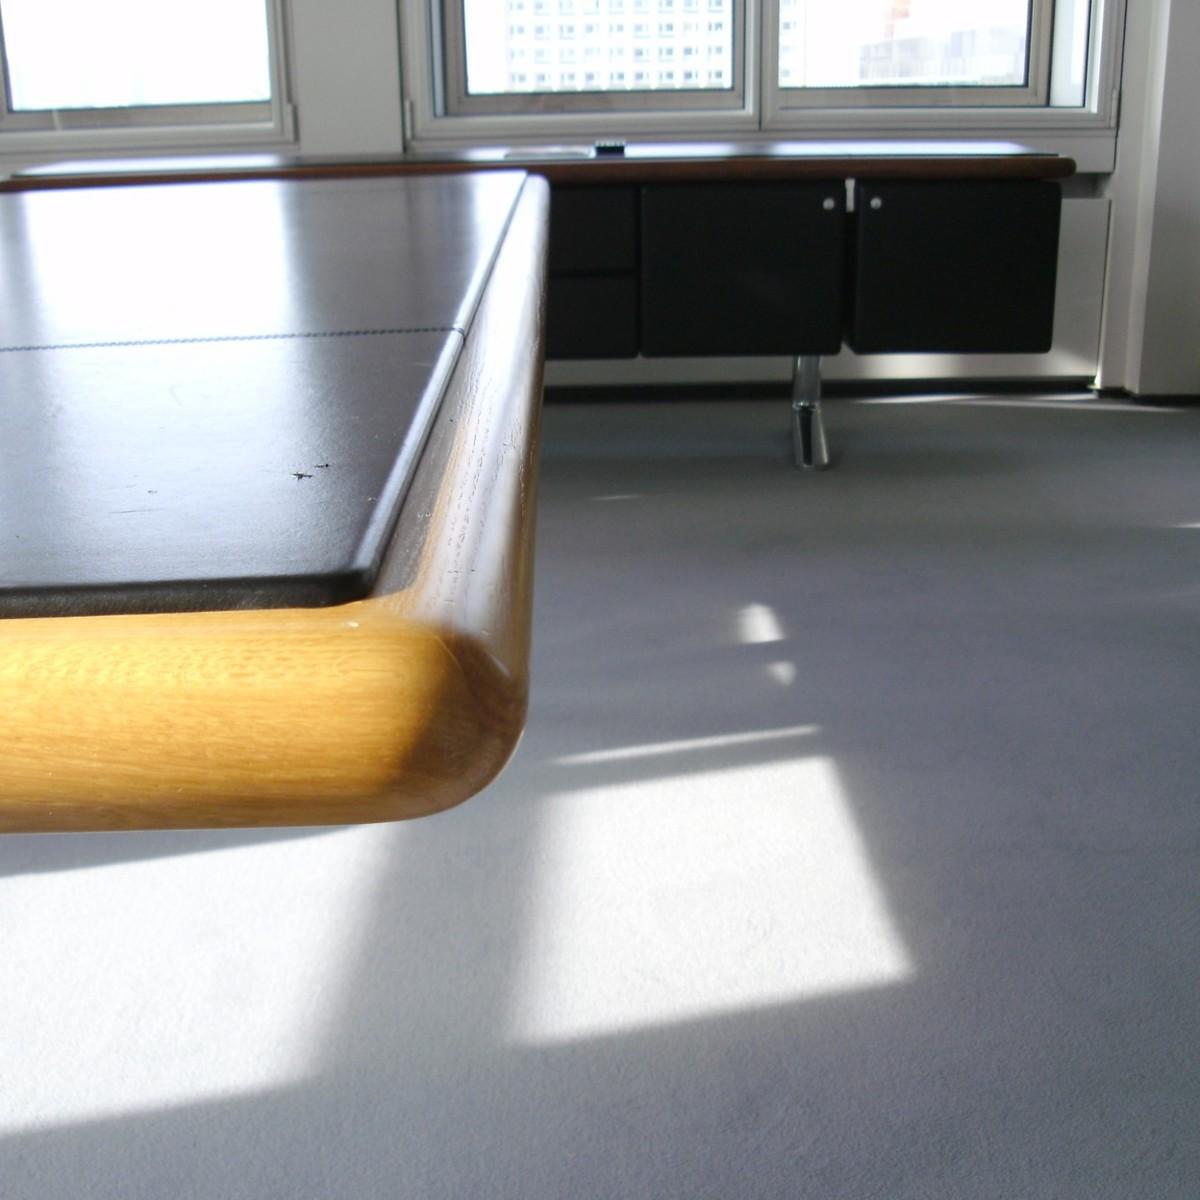 Schreibtisch-Kanten aufgearbeitet